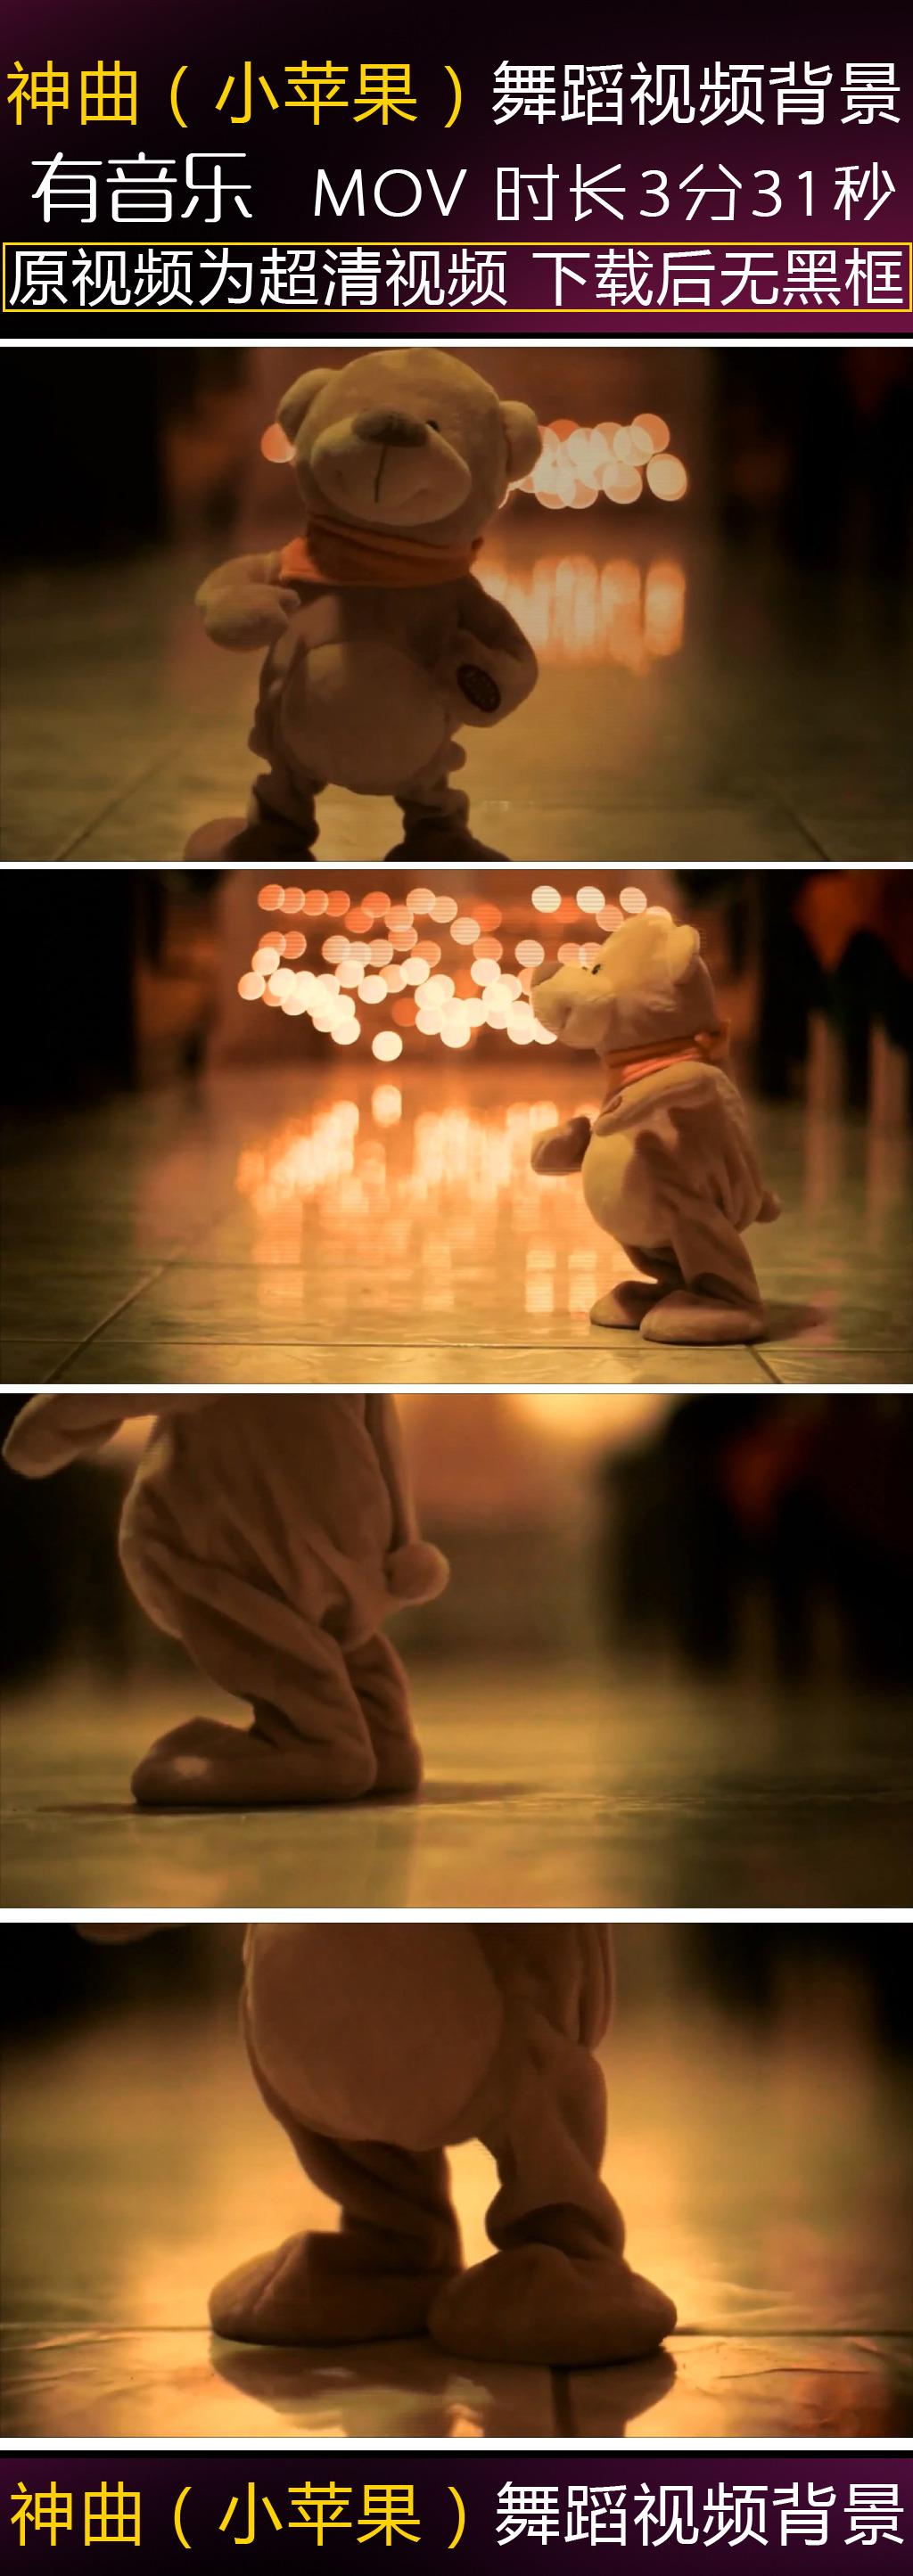 小苹果led背景视频 卡通舞蹈动画小苹果创意婚礼开场